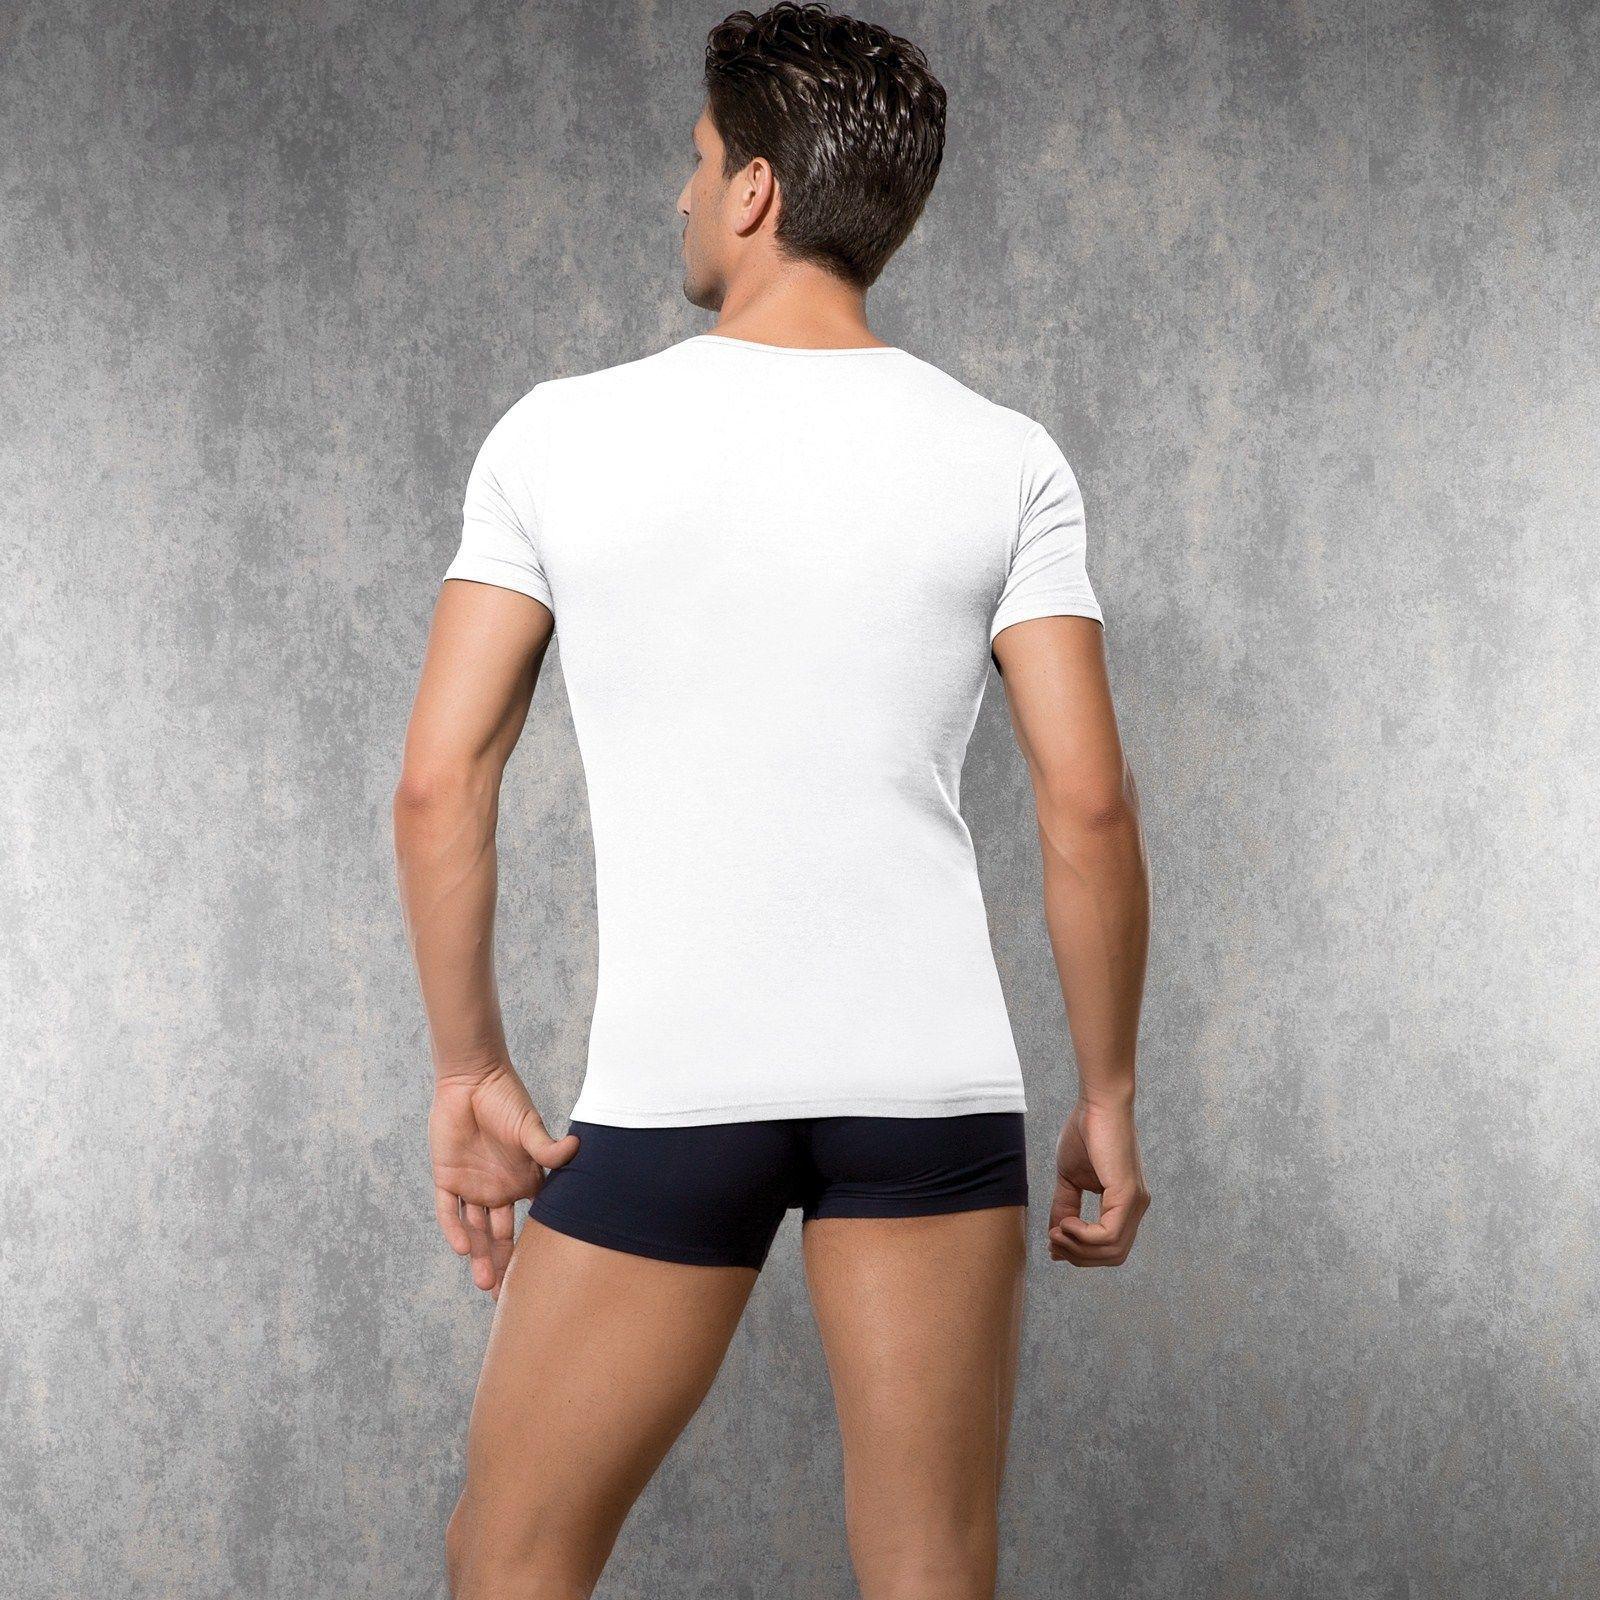 Мужская футболка белая Doreanse 2820